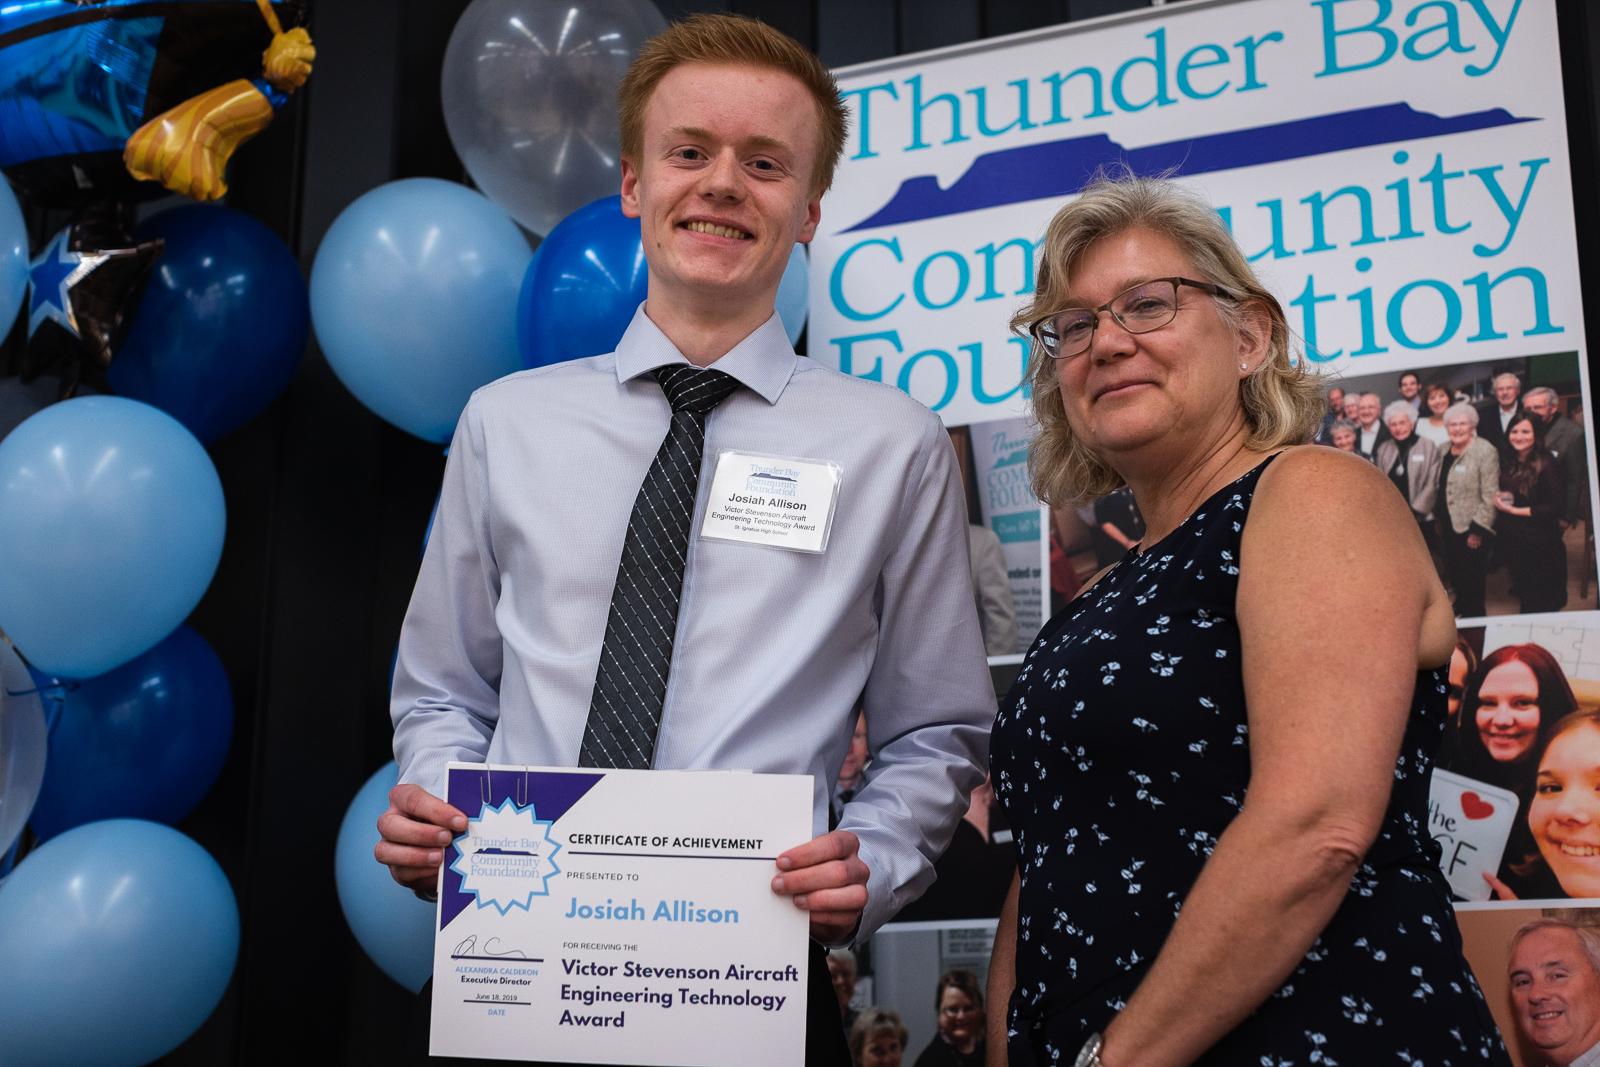 scholarship-bursary-award-reception-149.jpg